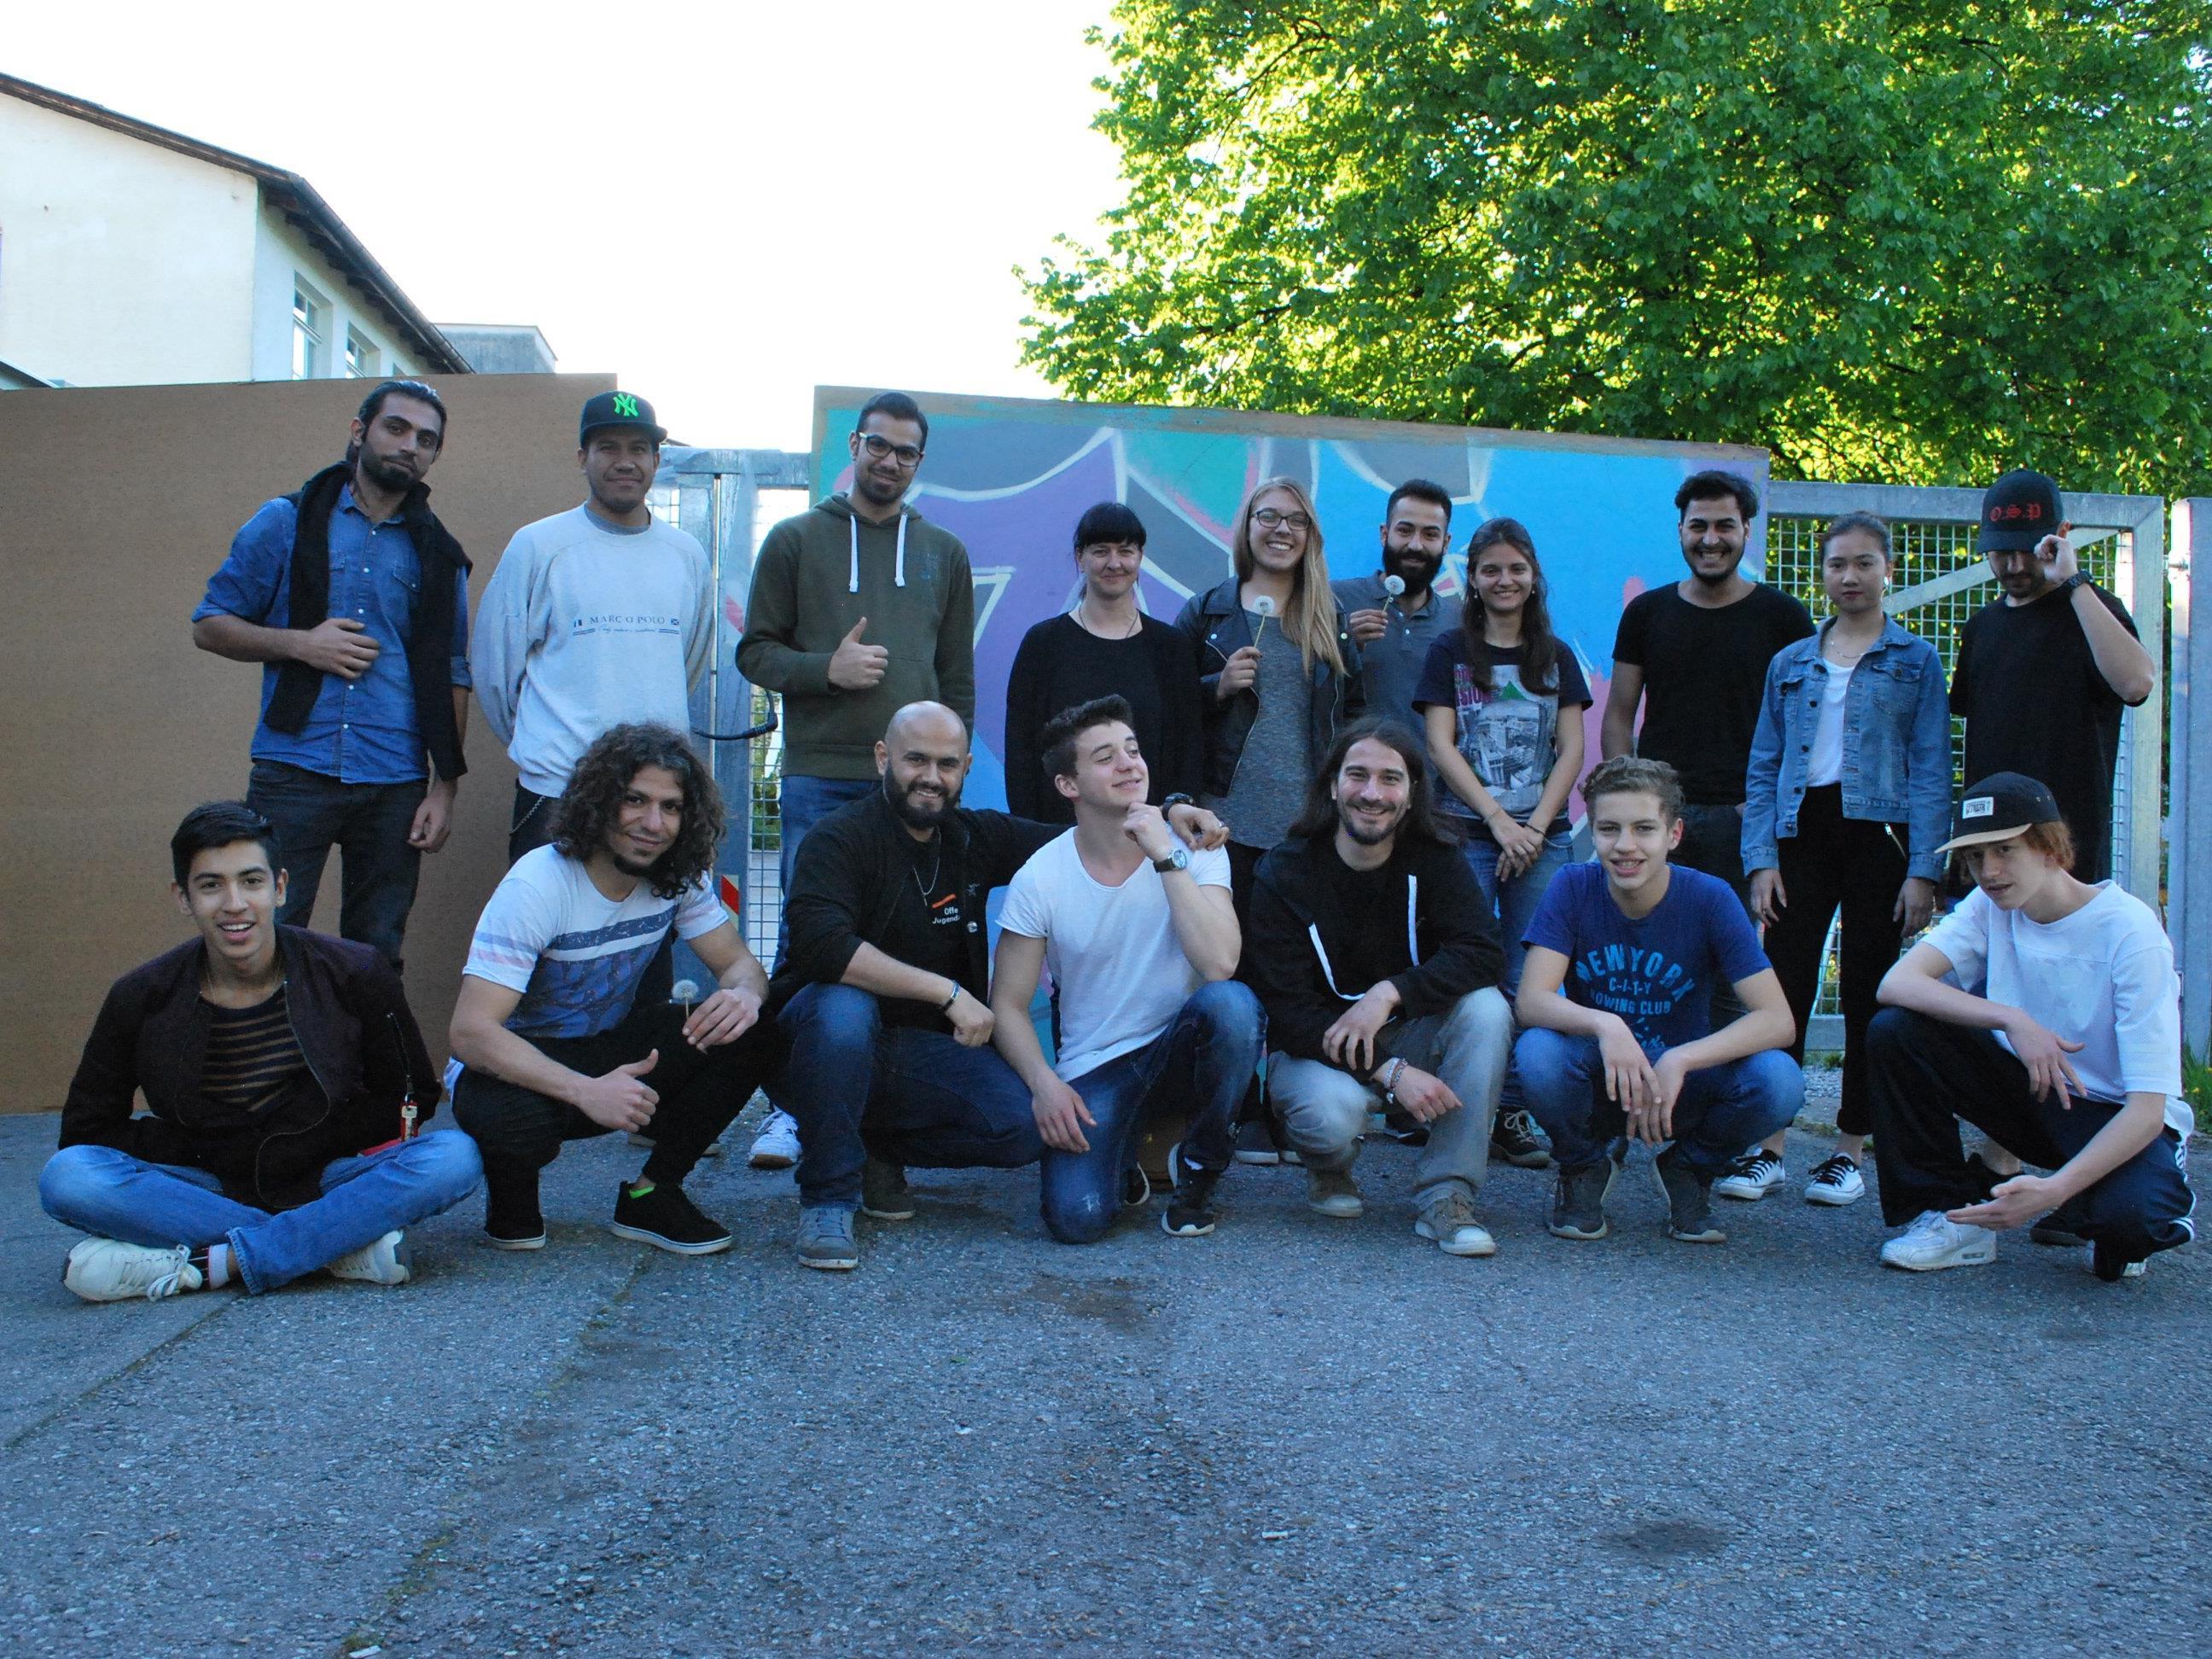 """Besucher und Mitarbeiter vor der Filmvorführung """"Freedom Writers"""" im Jugendzentrum Vismut."""